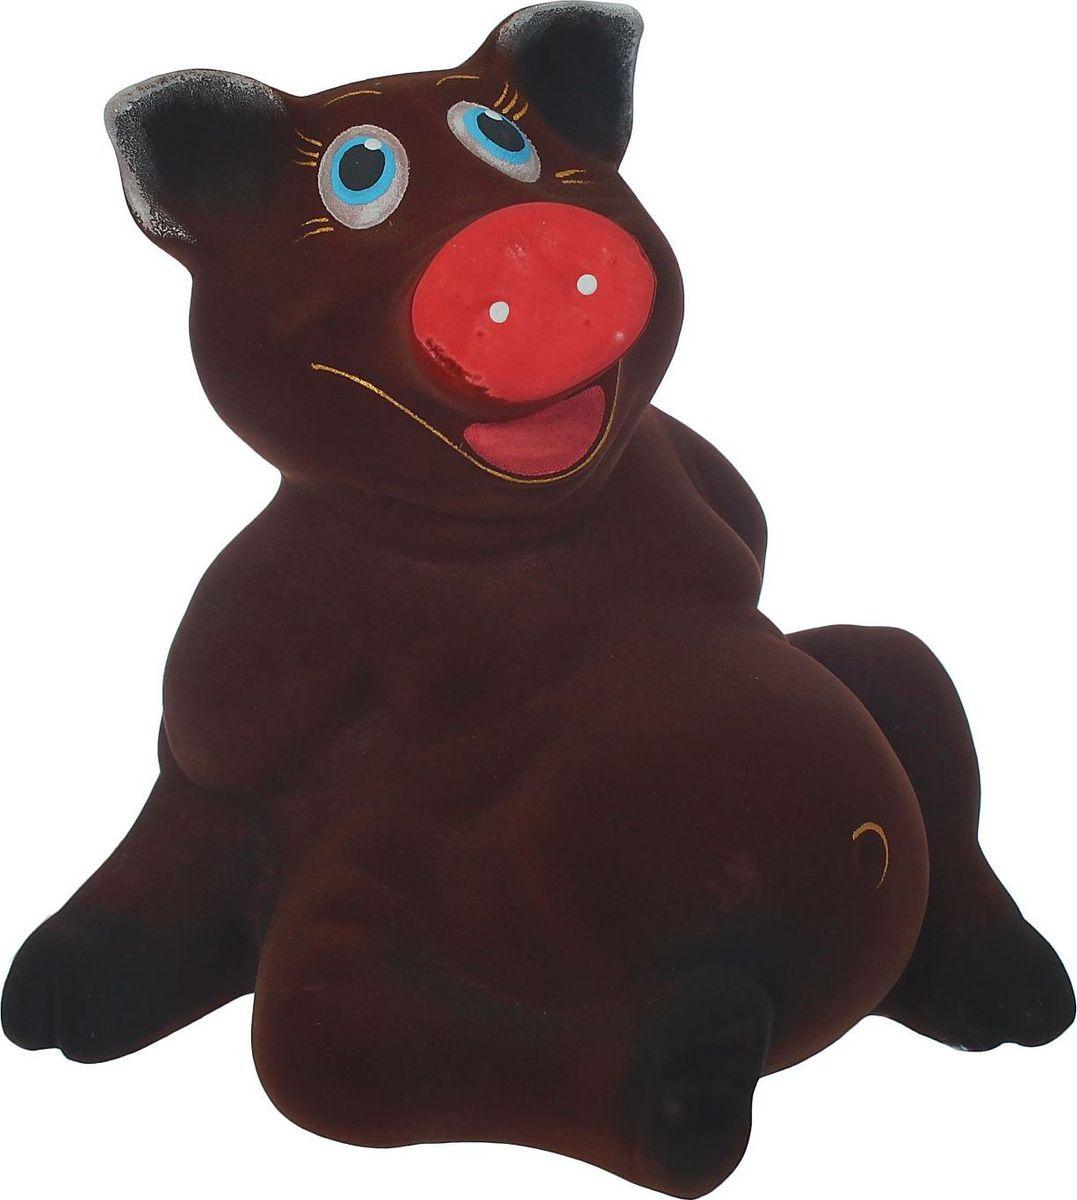 Копилка Керамика ручной работы Хрюша, 19 х 23 х 22 см884520В доме обязательно пригодится копилка, куда каждый в семье может складывать ненужную мелочь. Когда изделие наполнится, разбейте его и вместе приобретите что-нибудь. Копилка, выполненная в виде свиньи, является одной из наиболее популярных во всём мире, ведь она символизирует рост благосостояния. А её универсальная форма позволяет вместить немало денежных средств.Обращаем ваше внимание, что копилка является одноразовой.